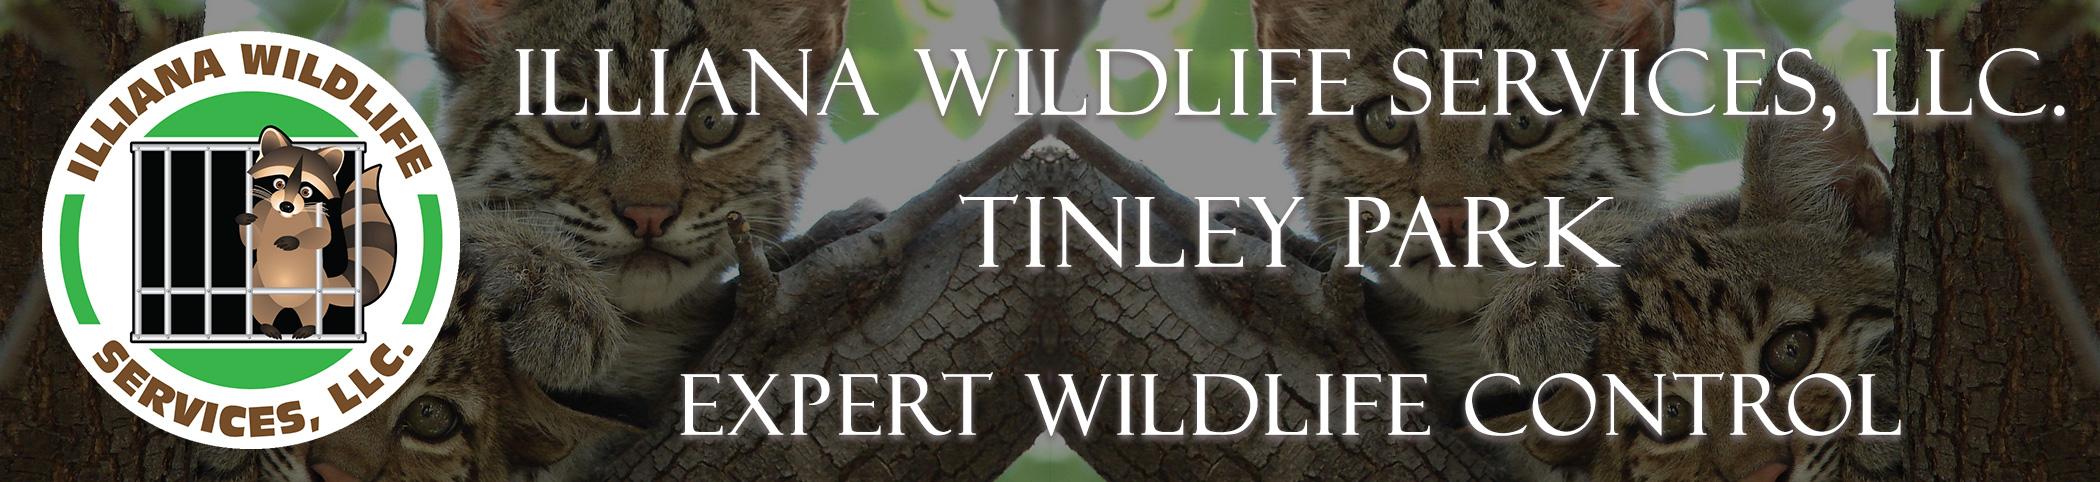 illianna wildlife services LLC tinley park illinois header image